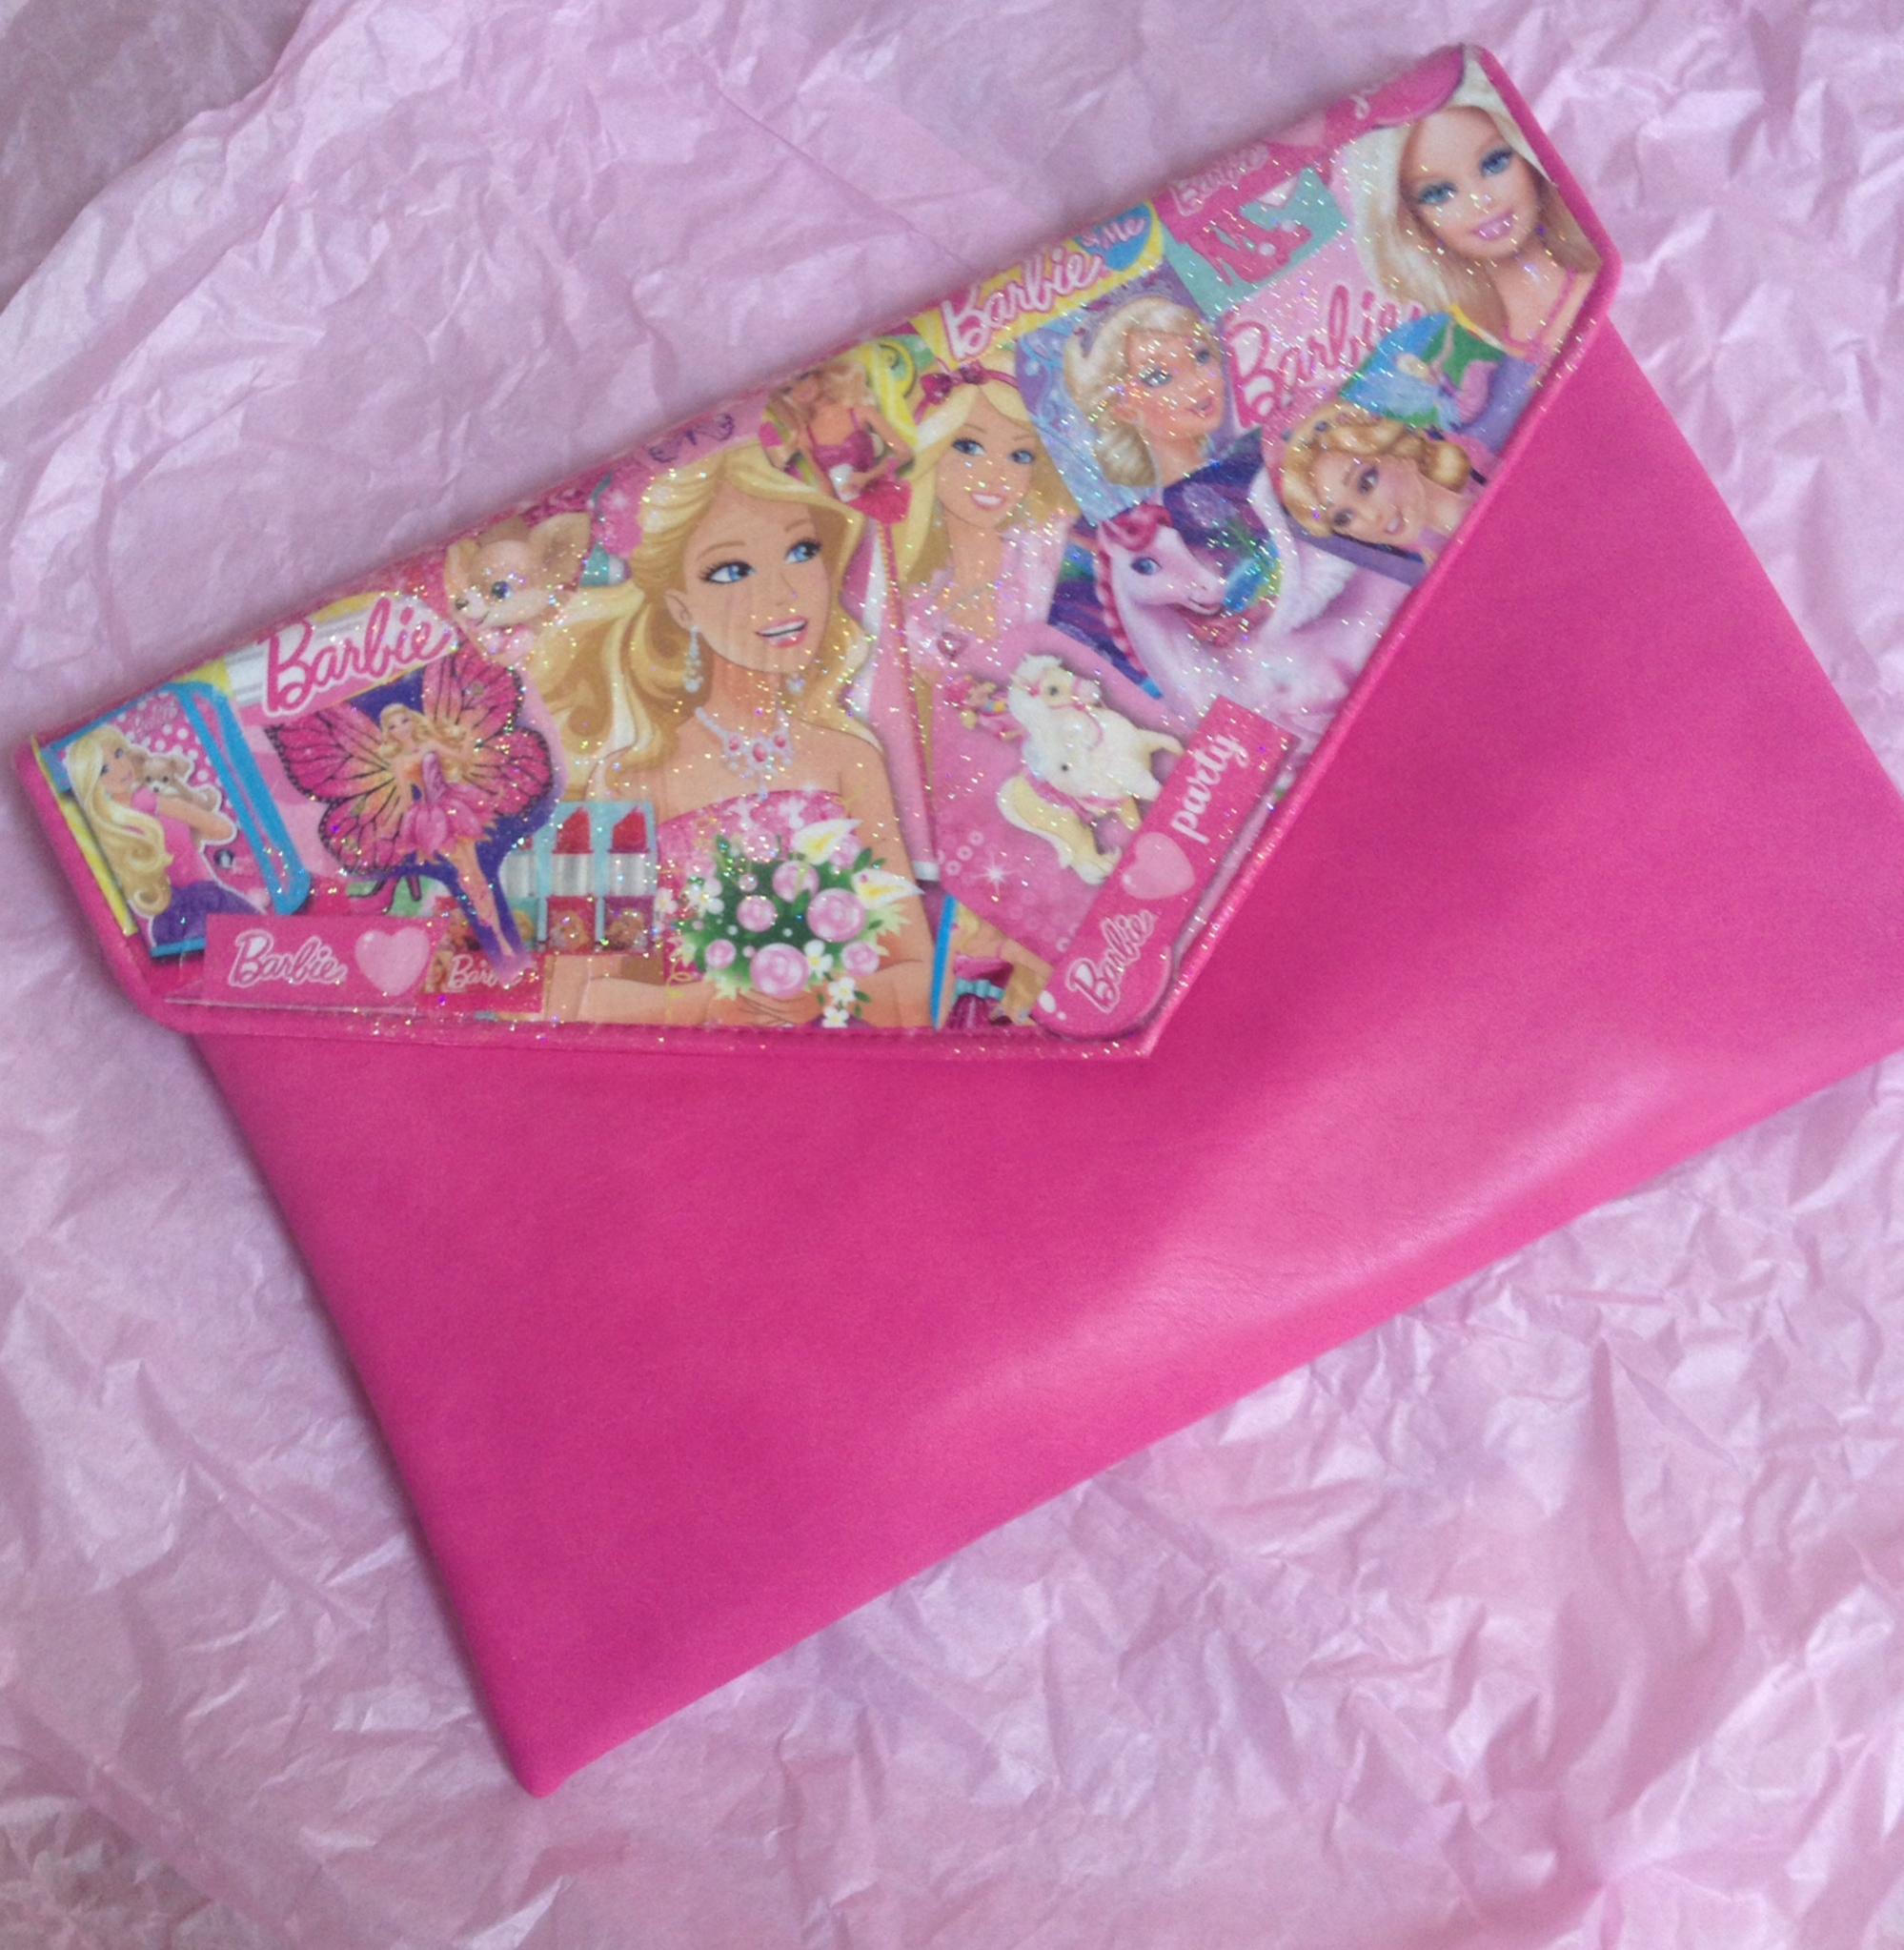 Barbie bag front